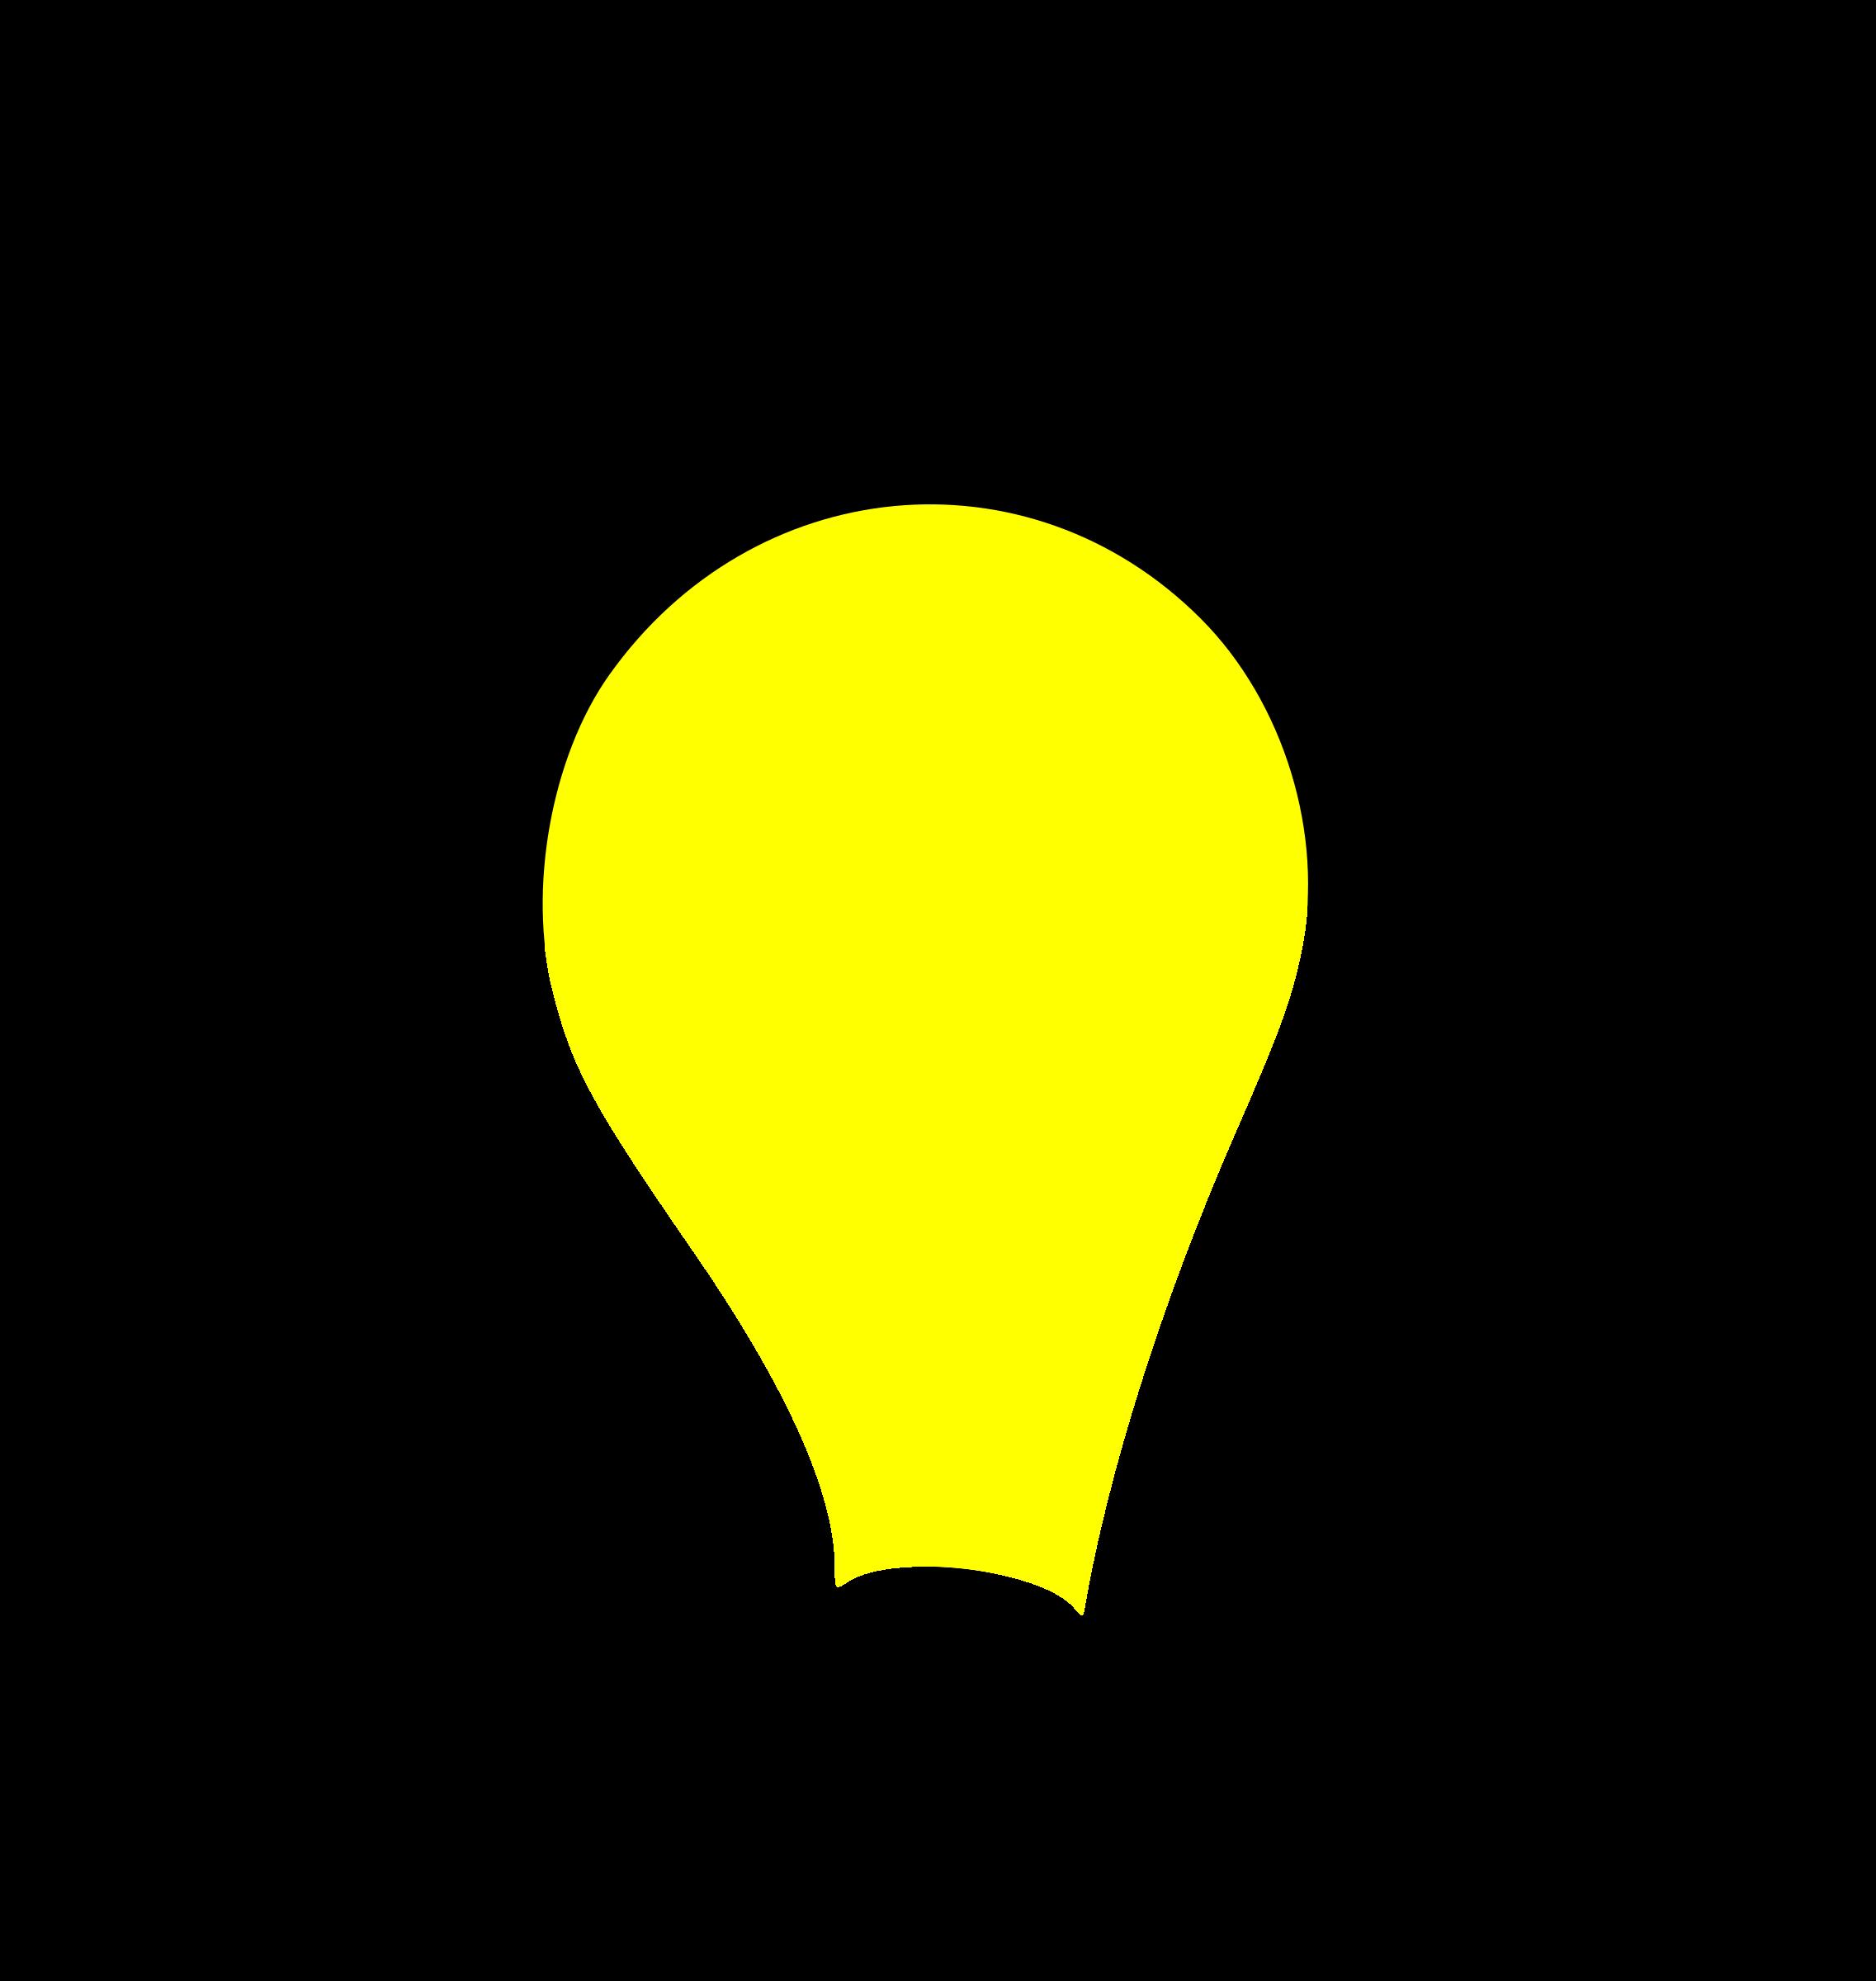 602 Lightbulb free clipart.